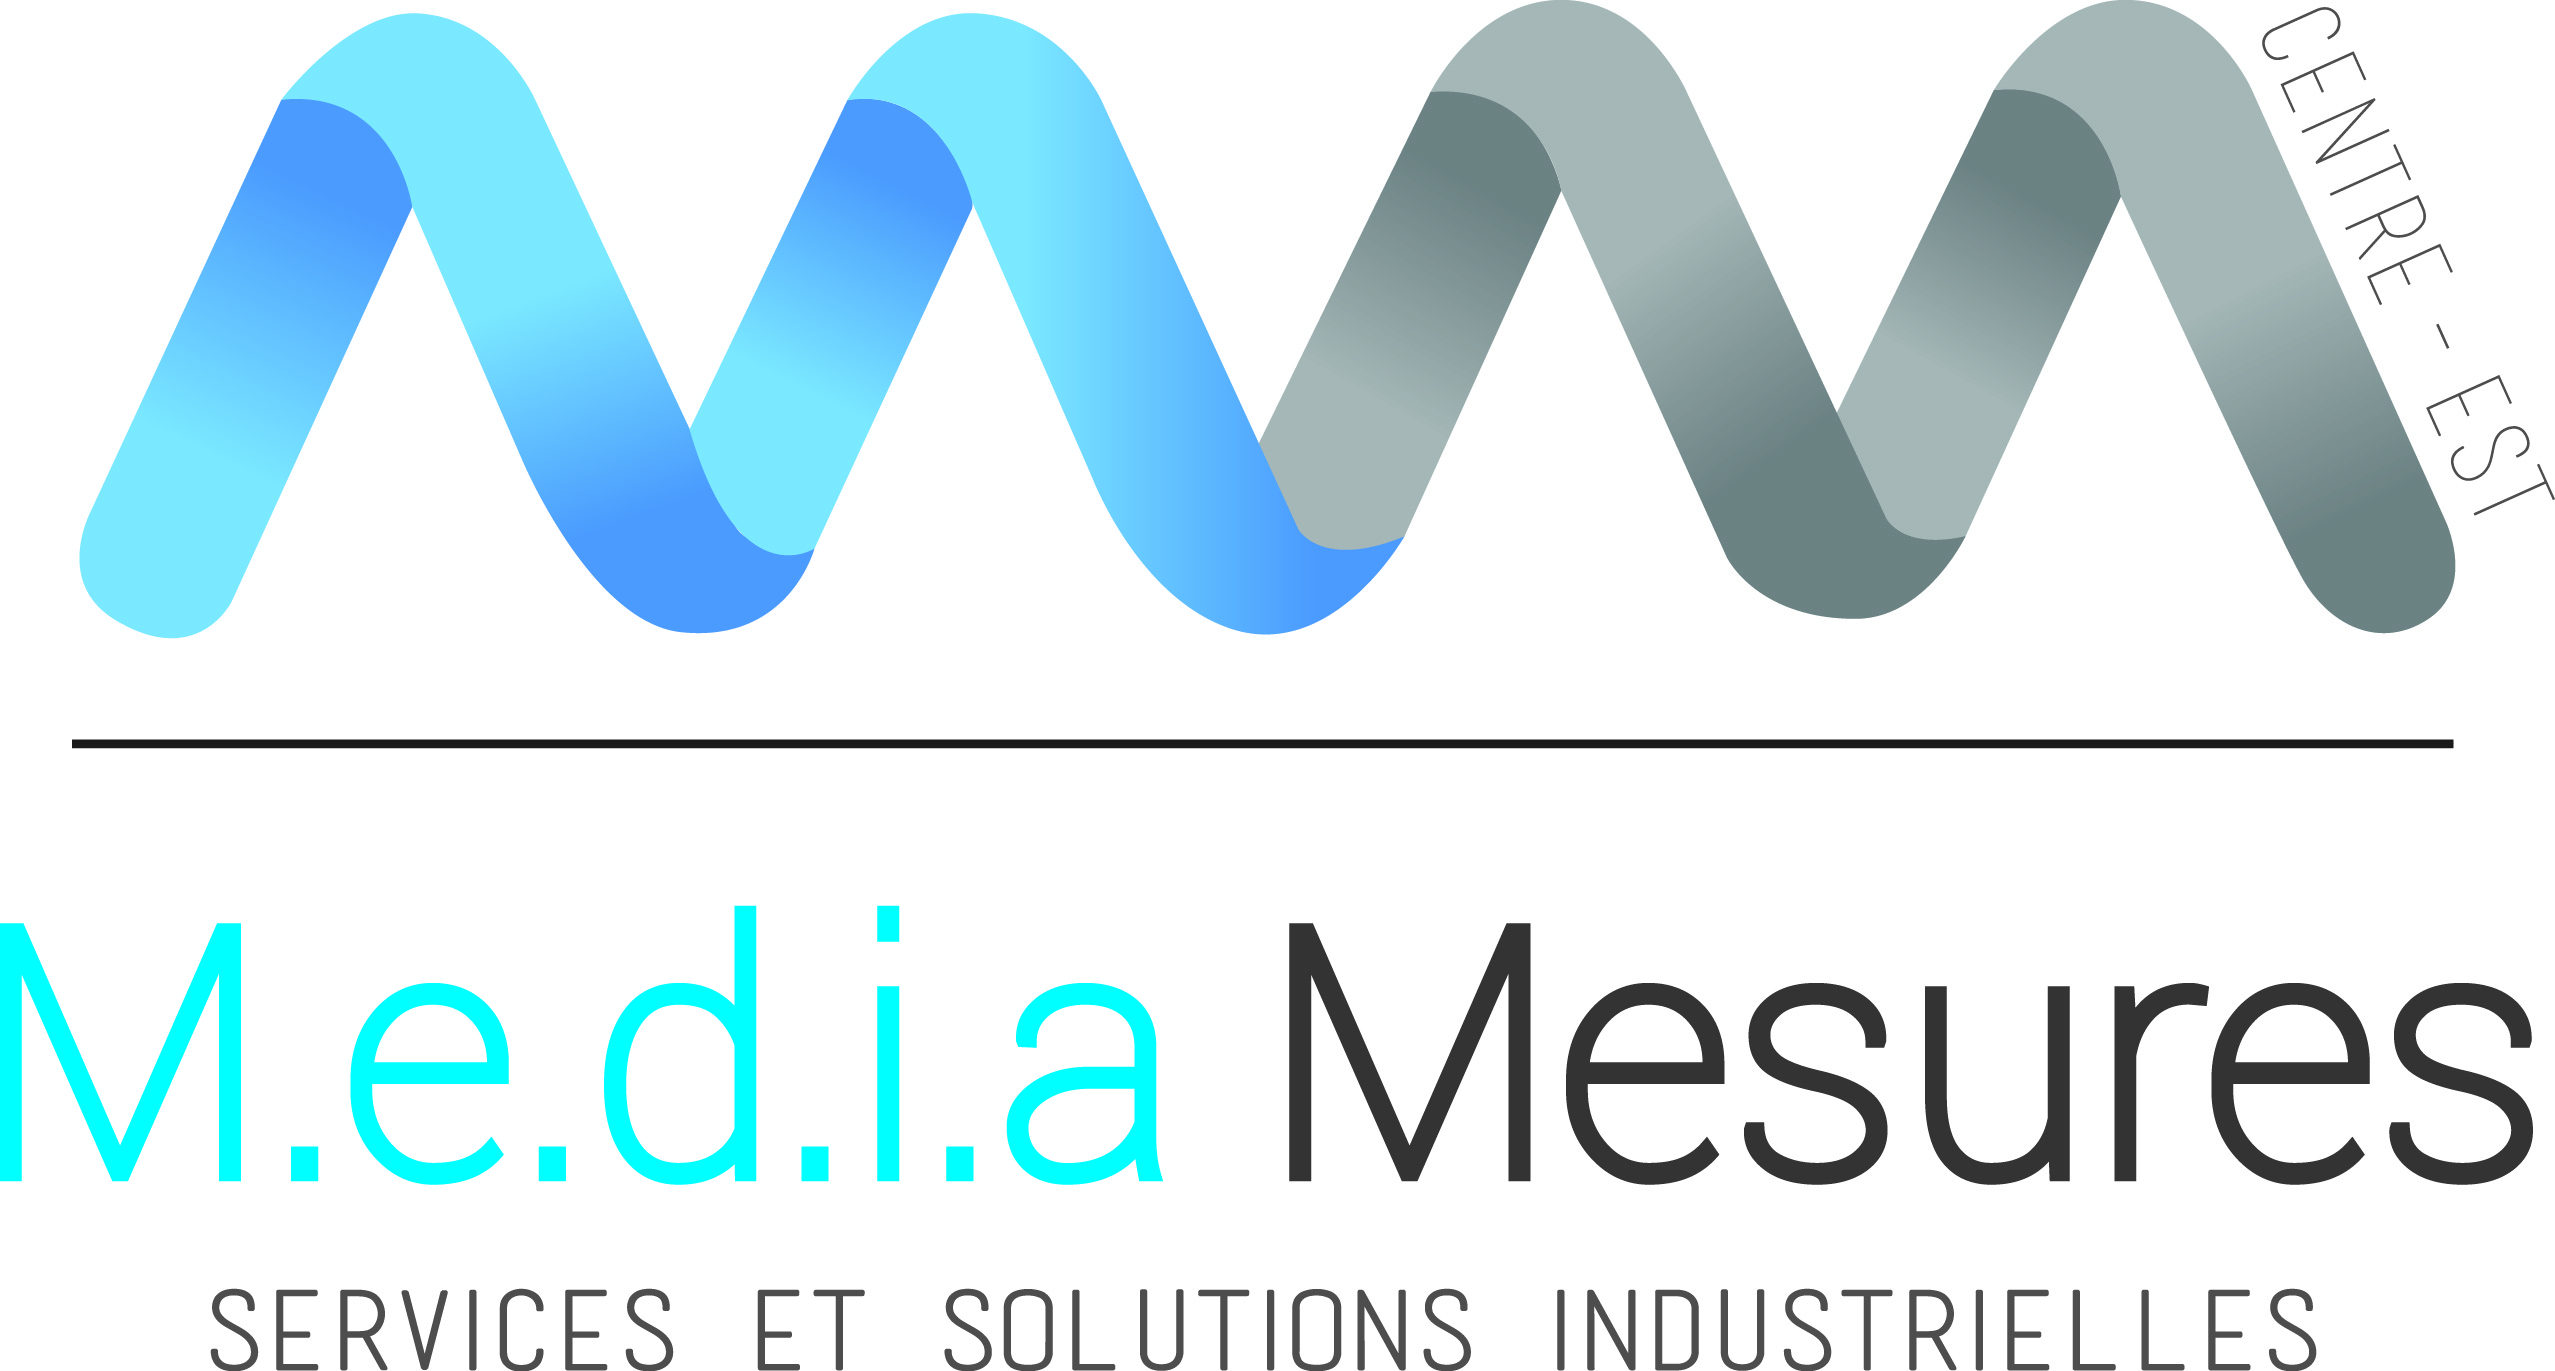 1580976636-media-mesures.jpg